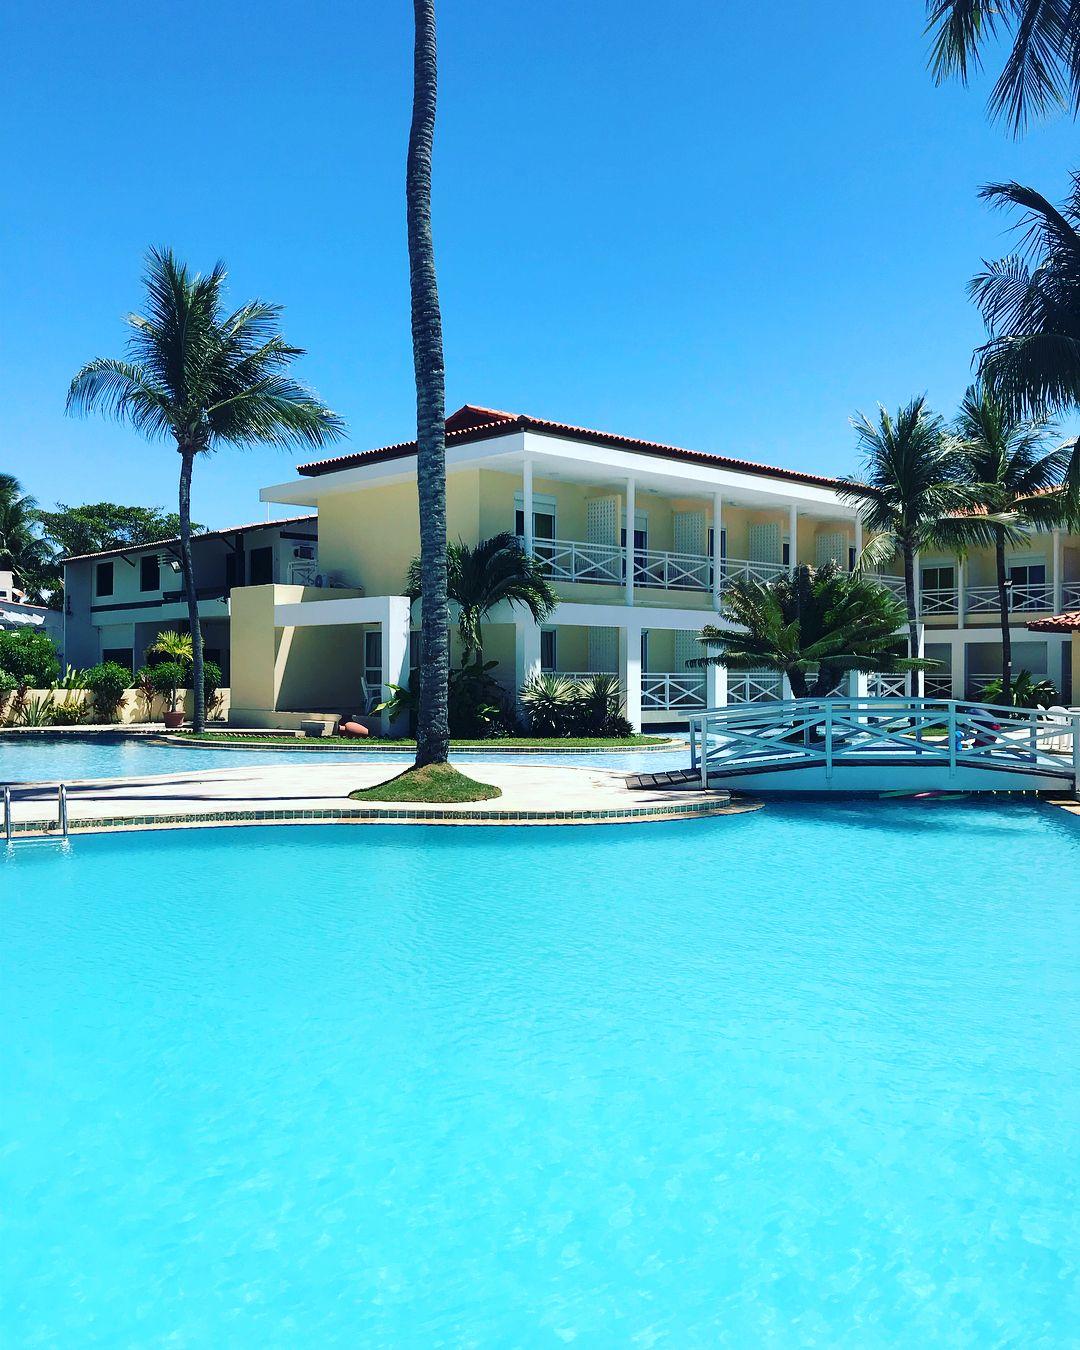 Baia Branca Beach Resort Pernambuco Subindo A Costa Por Mais